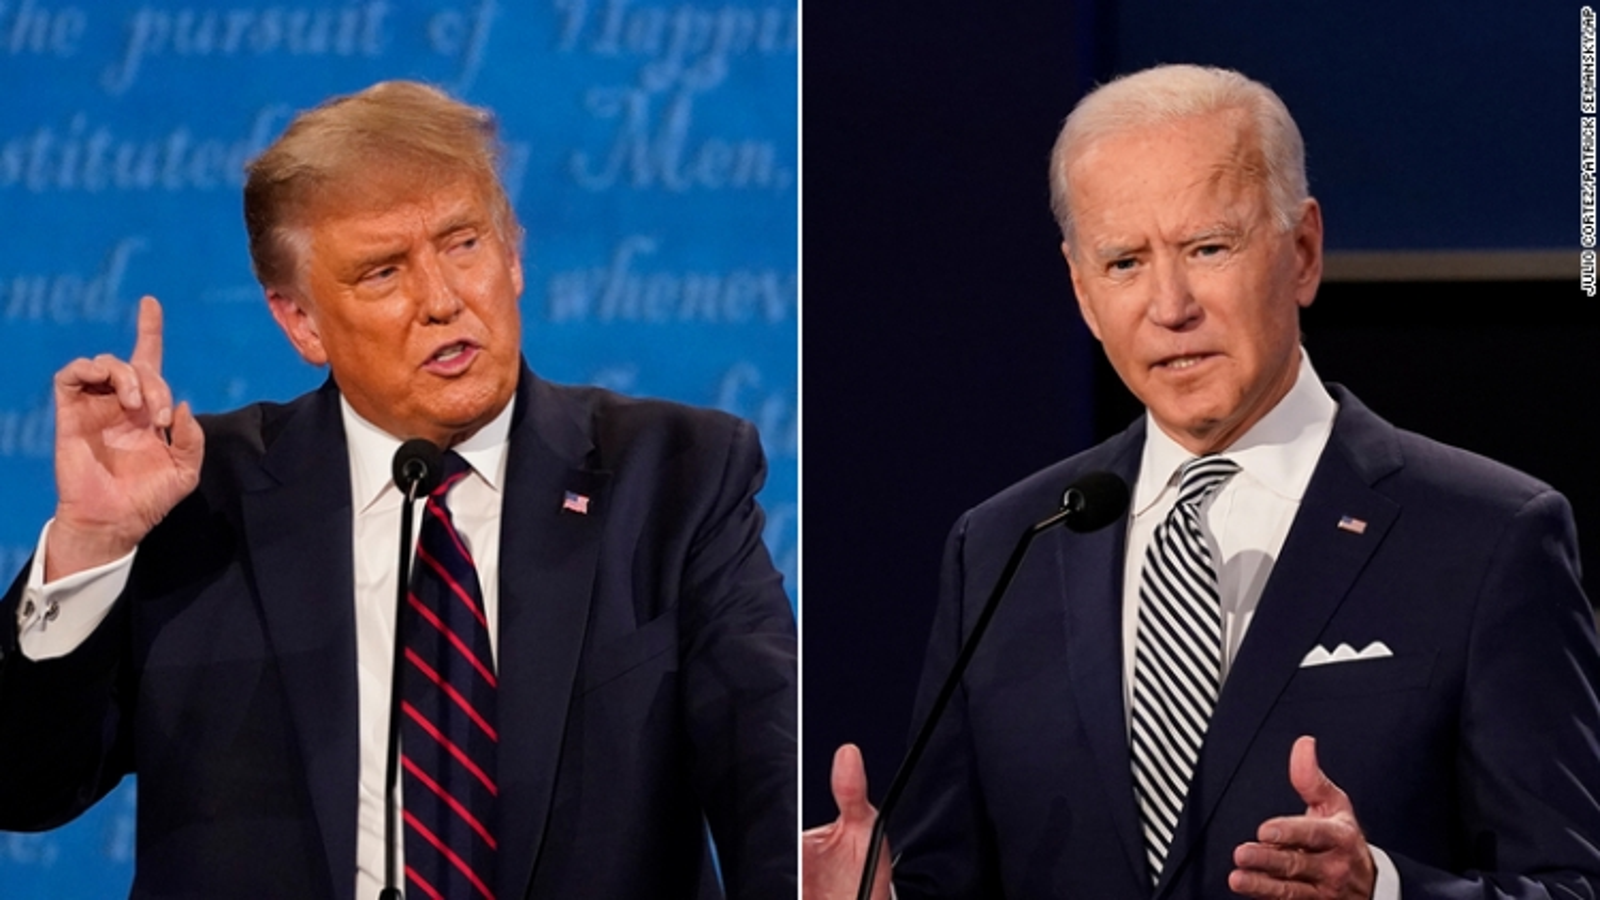 Cử tri Mỹ nhiệt tình đi bầu sớm, 2 ứng cử viên sắp có buổi tranh luận cuối cùng